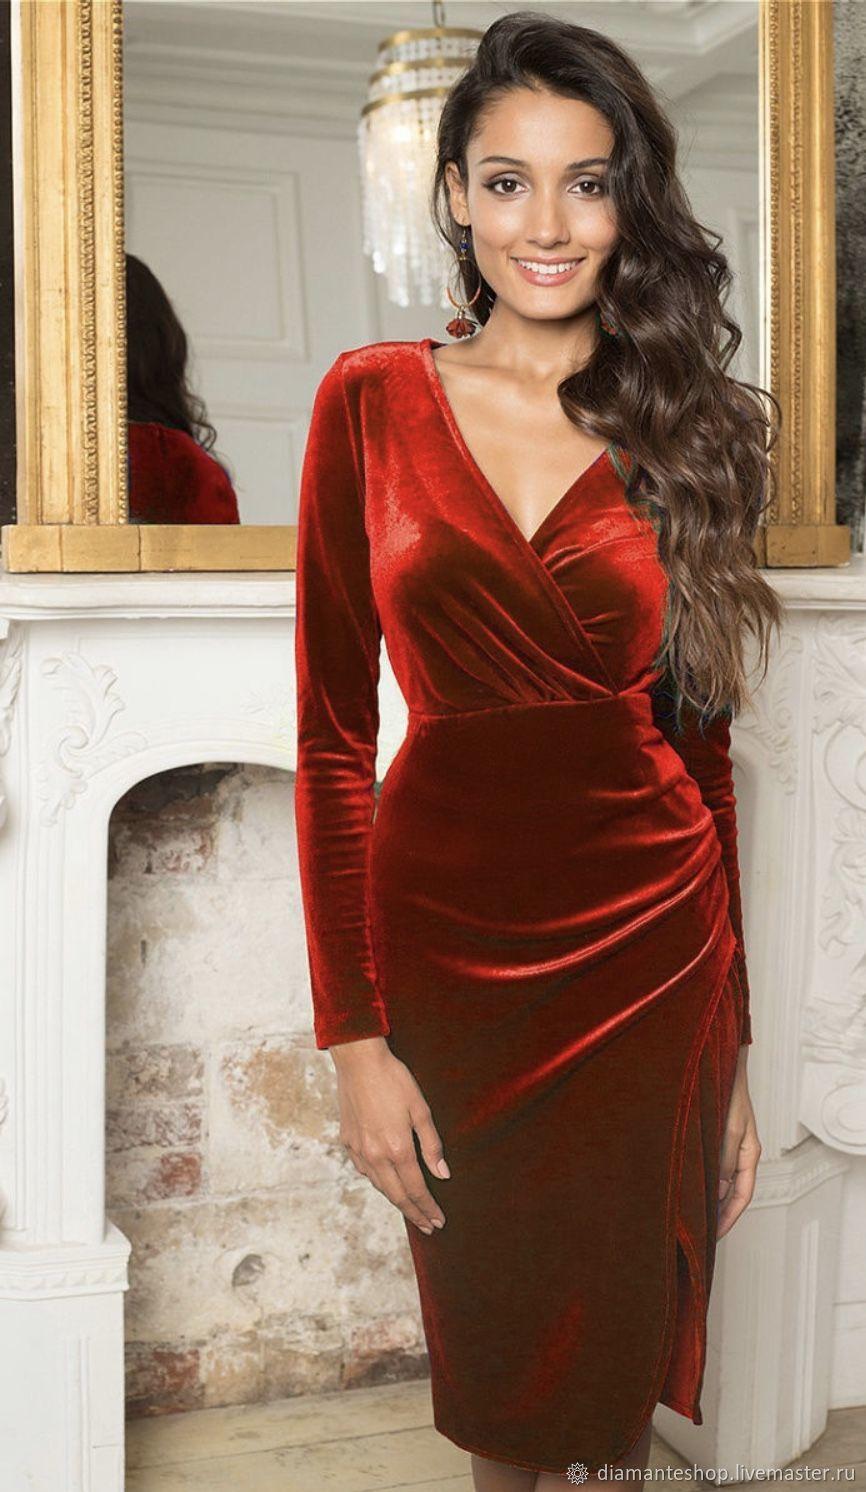 бизнес отреагировал красные бархатные платья фото как отнесется клиент